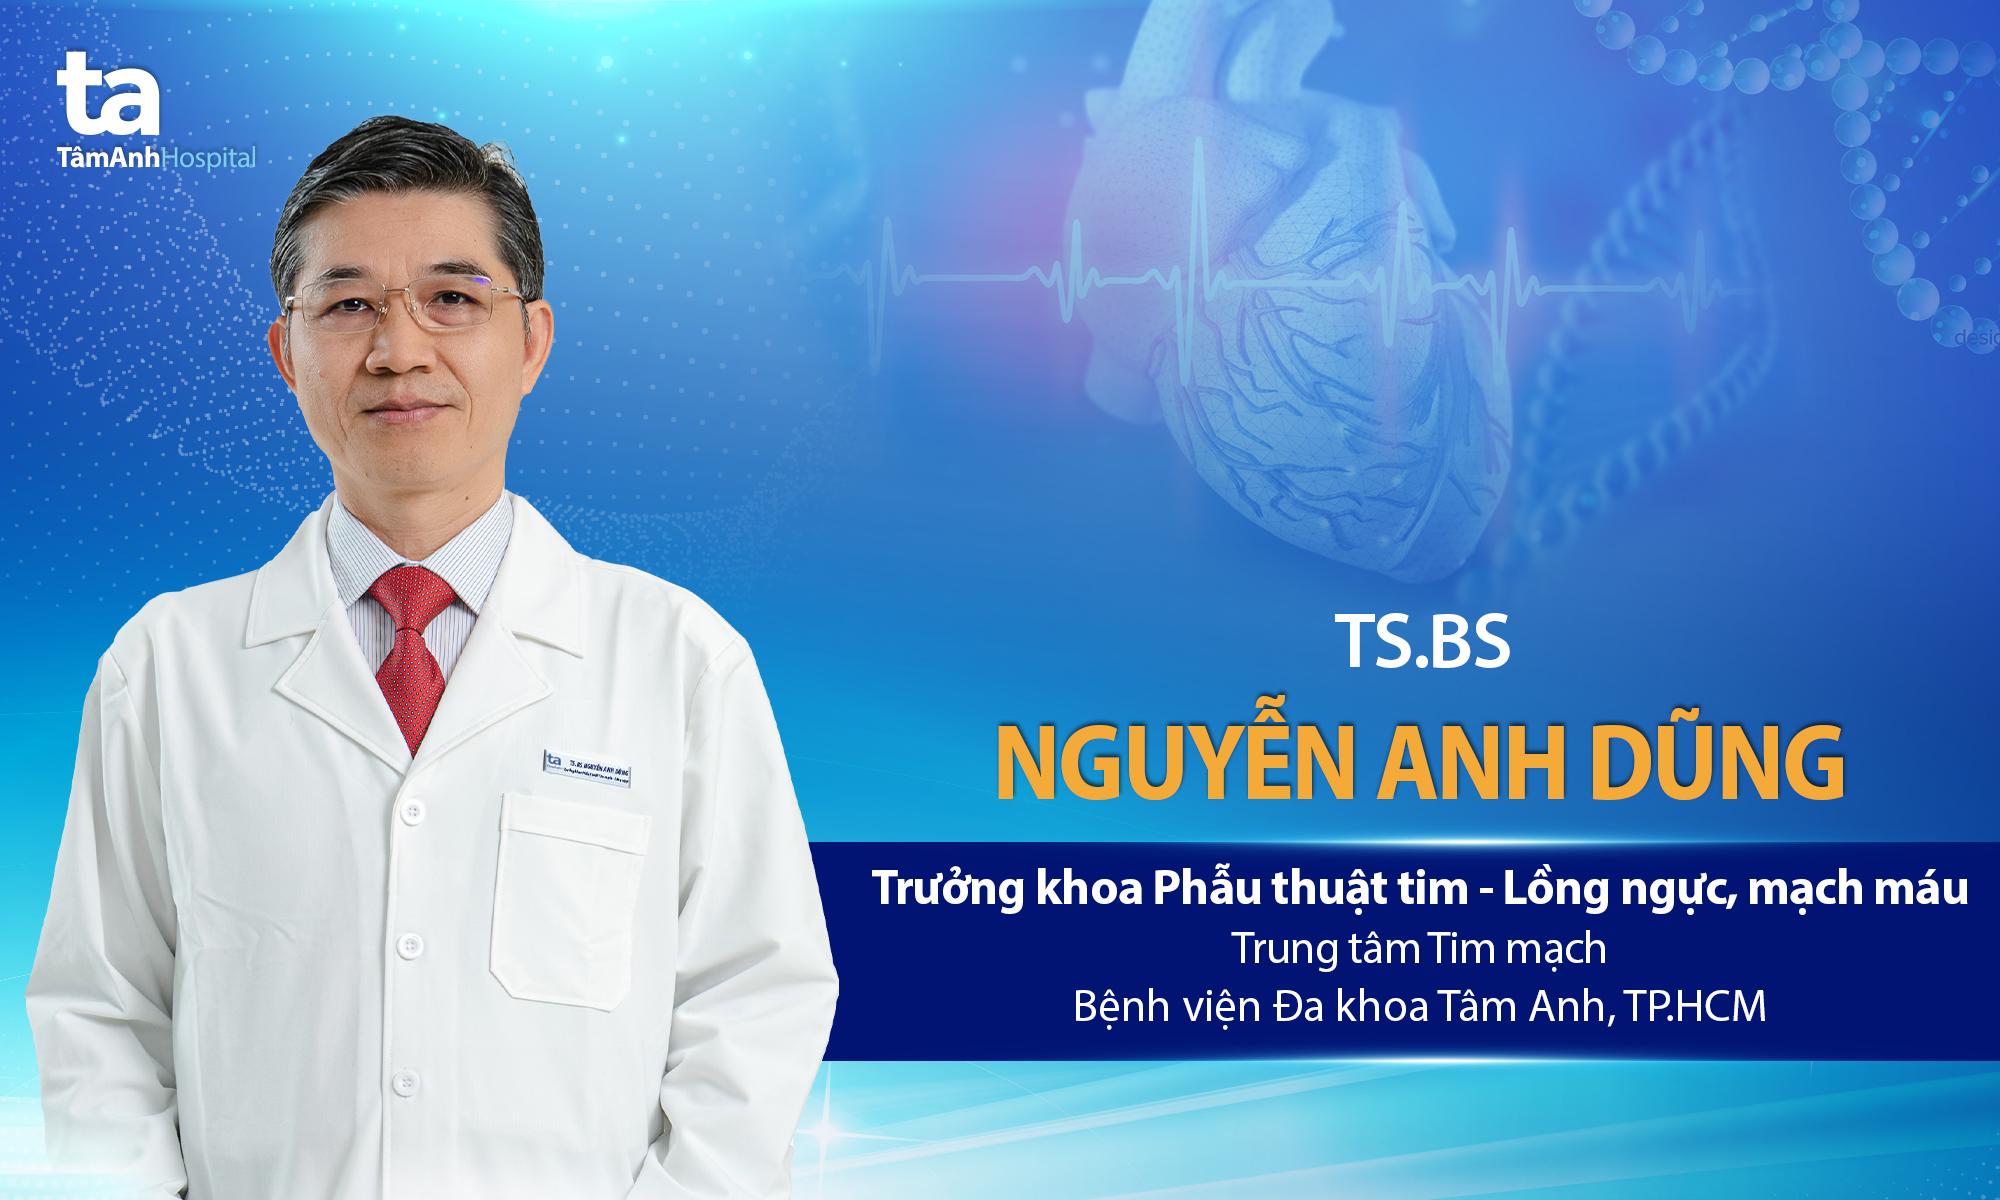 TS.BS Nguyễn Anh Dũng